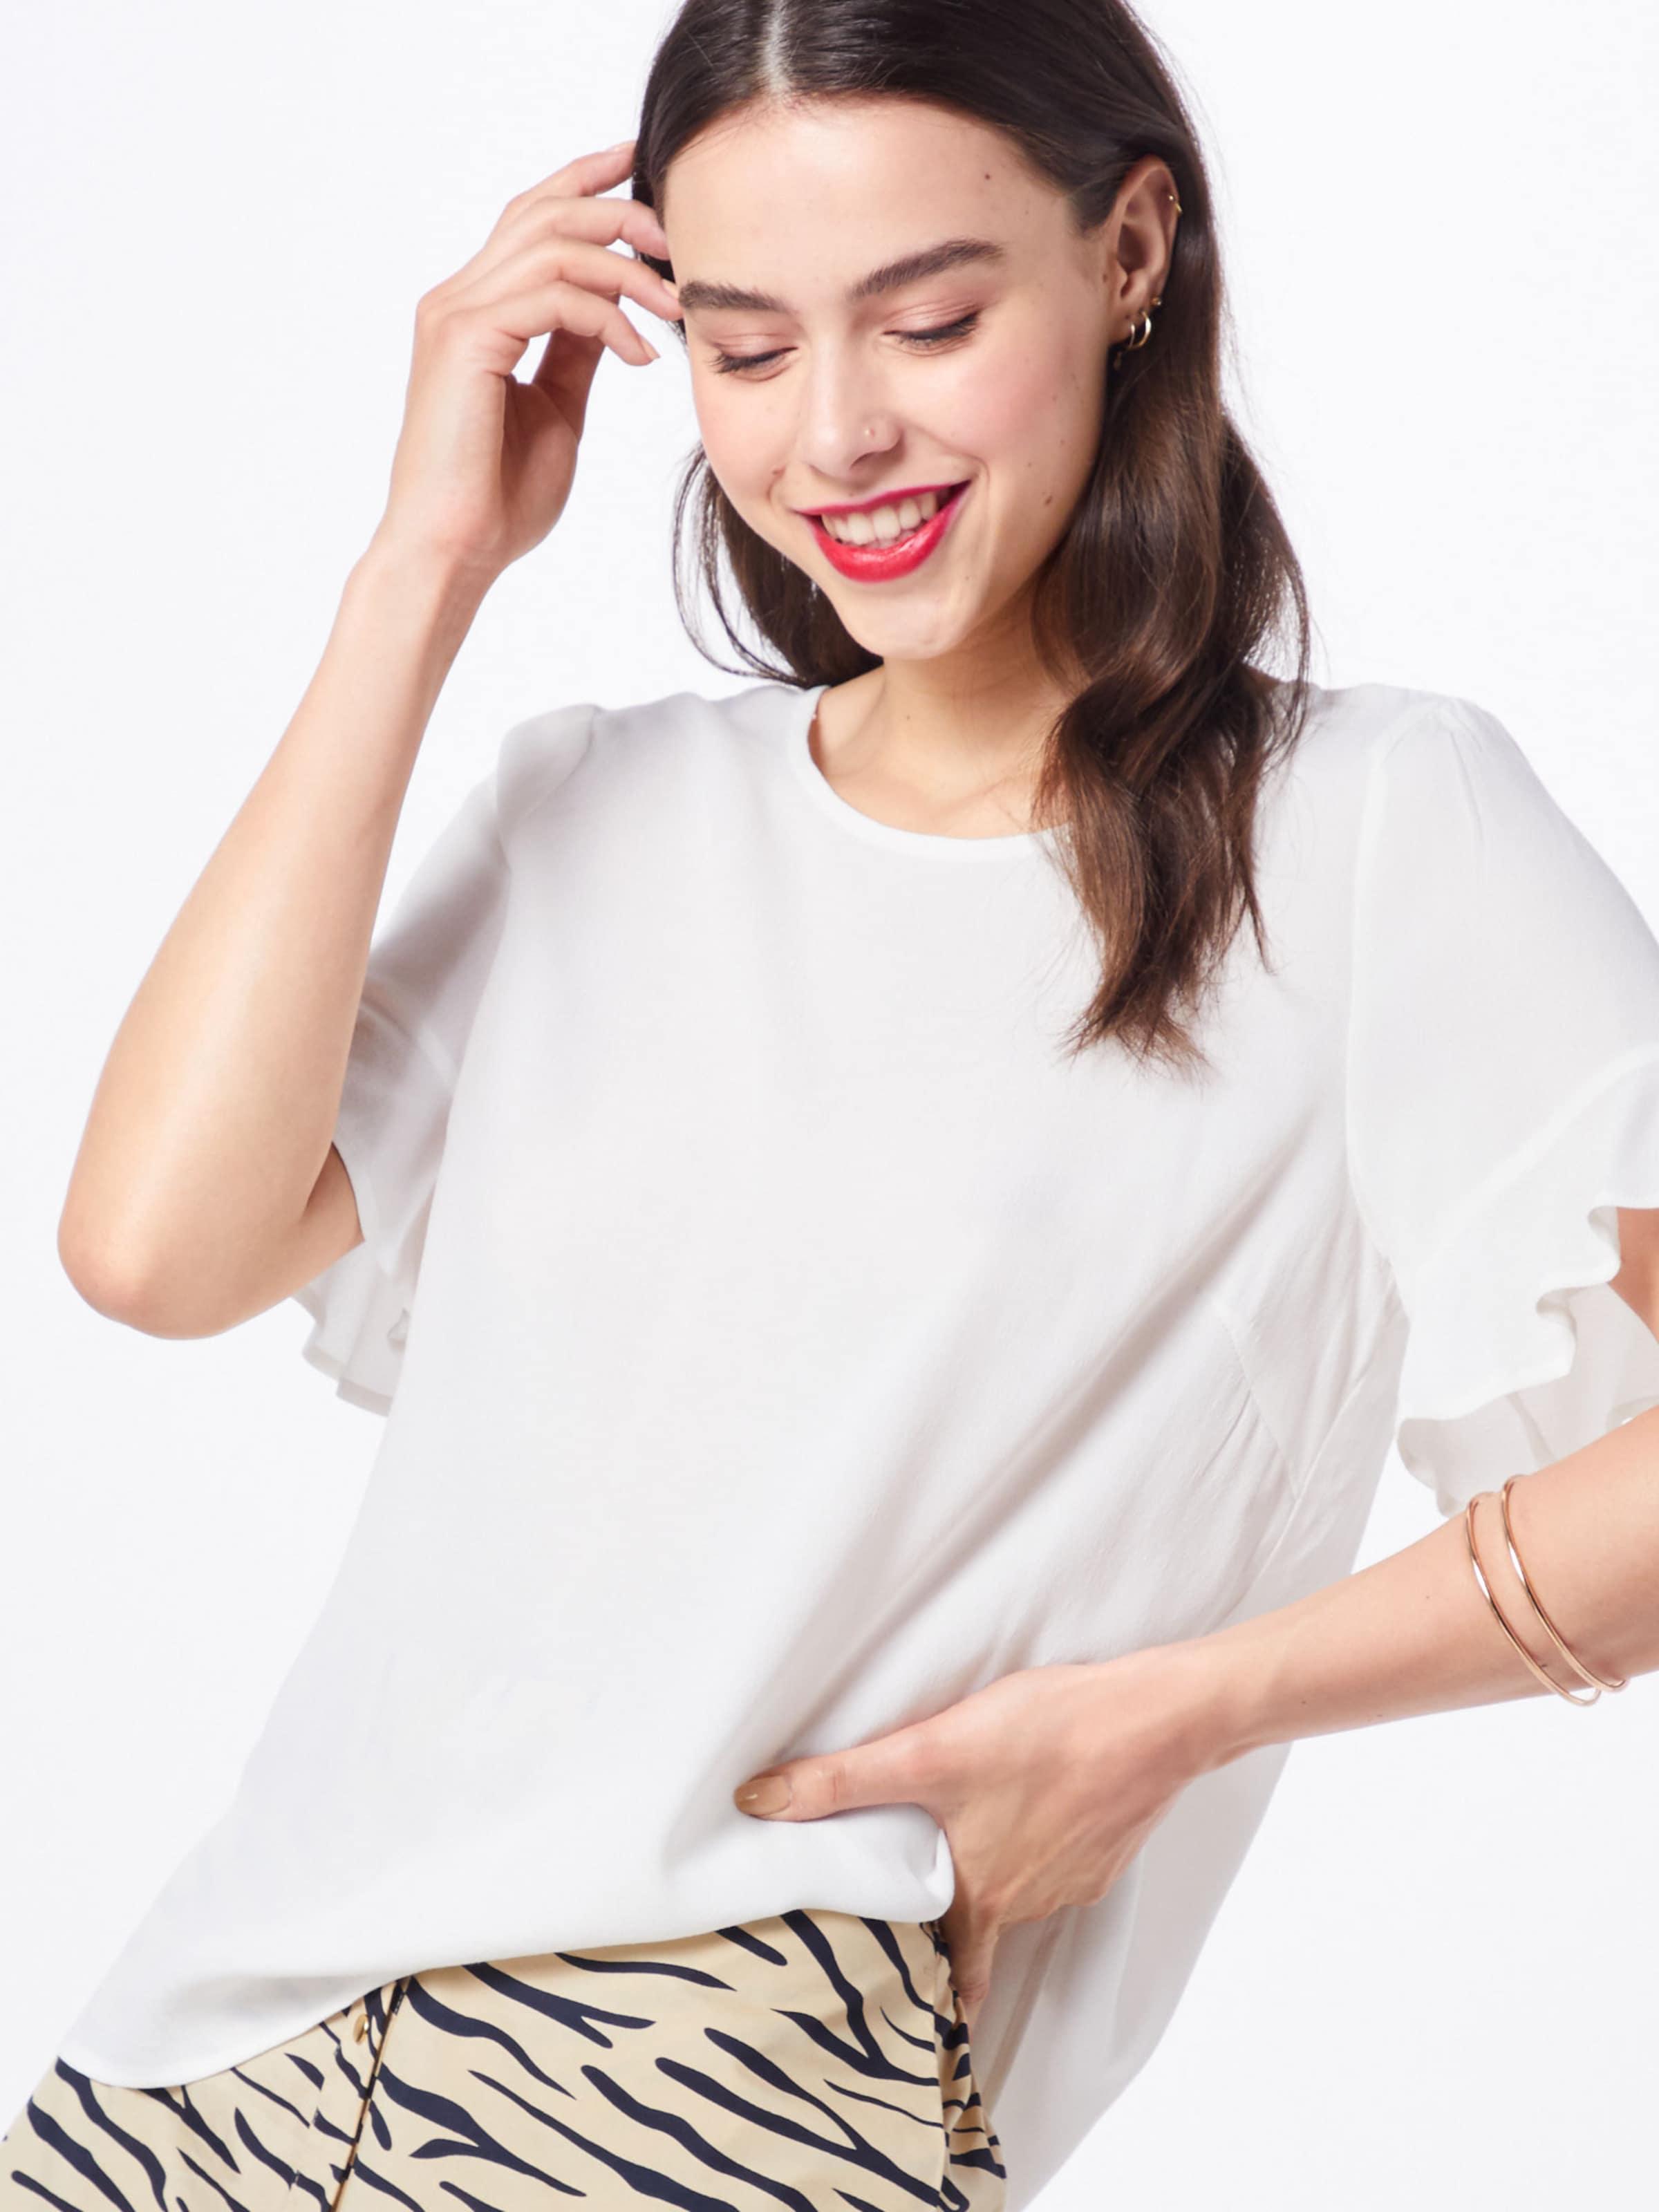 'dina' Bluse Bluse 'dina' Cream Cream Bluse In Weiß Cream Weiß In FcTKlJ1